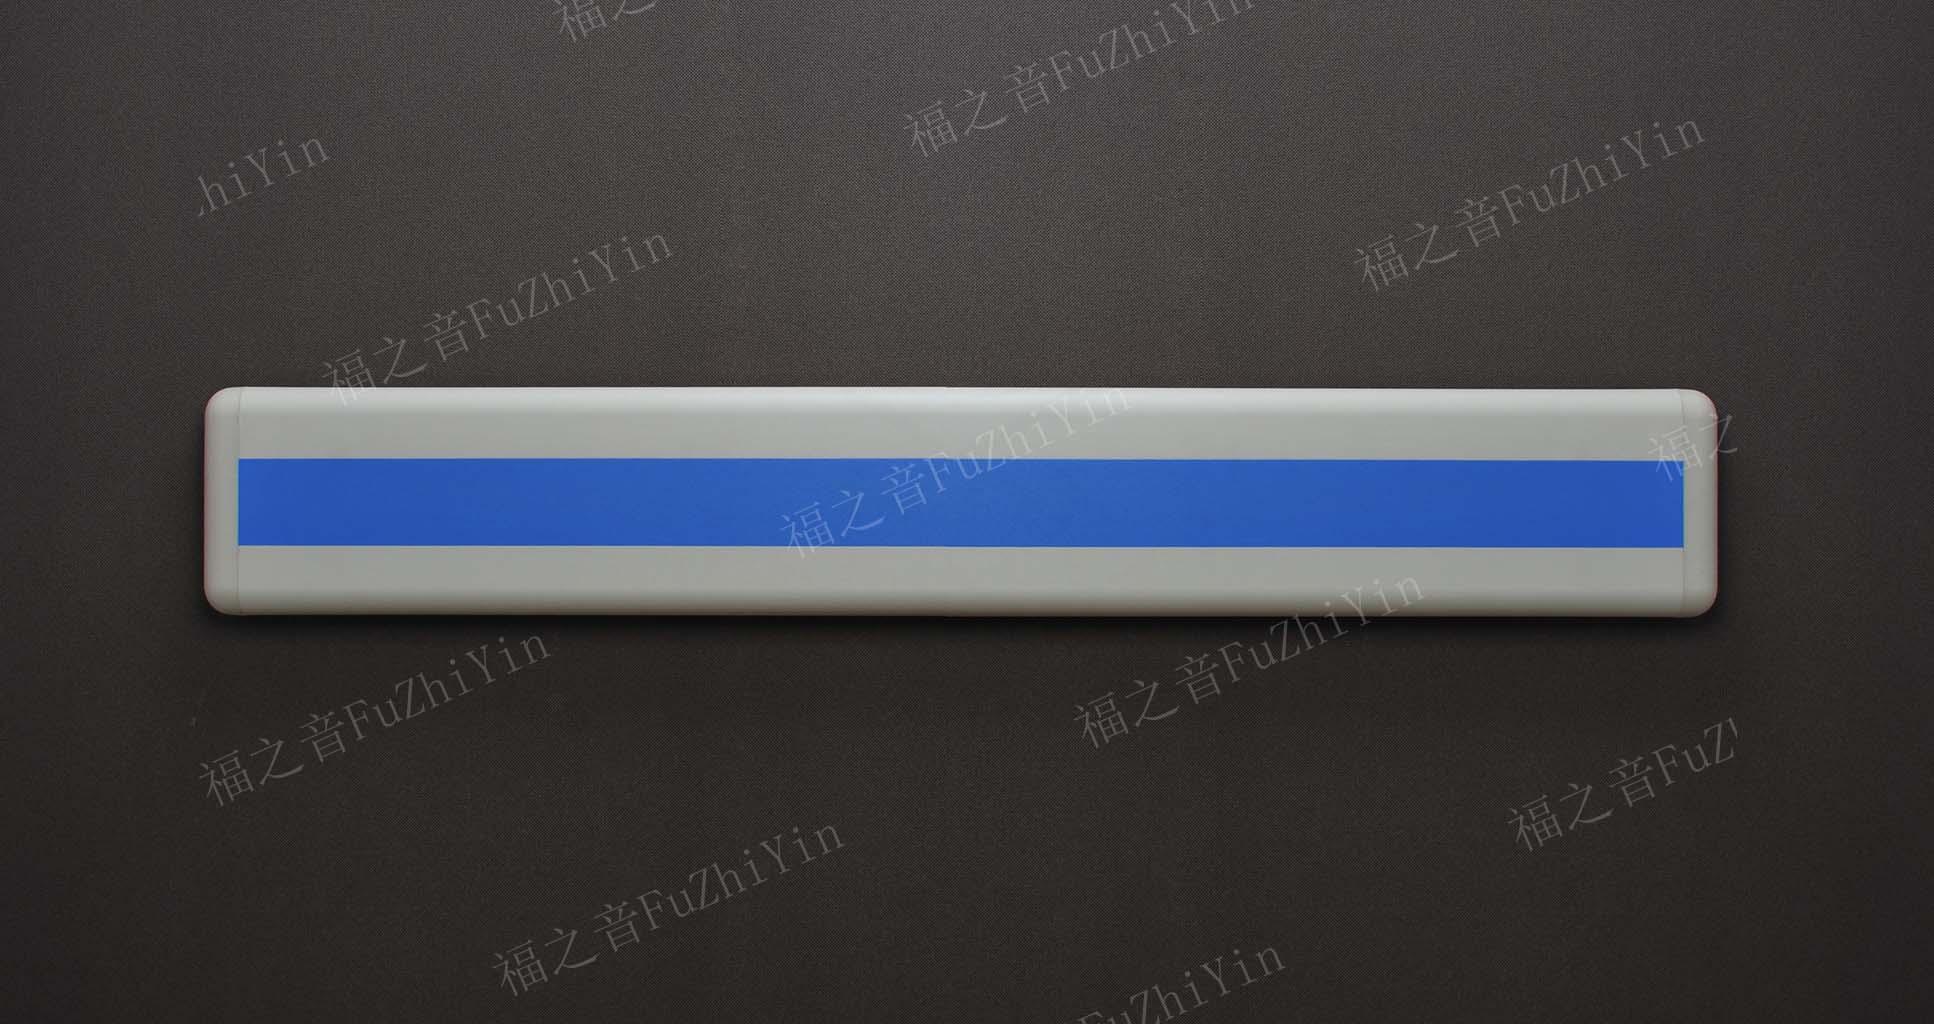 专业的福之音护墙板PVC防撞护墙板铝合金内衬批发供应定制|济南划算的福之音护墙板到哪买